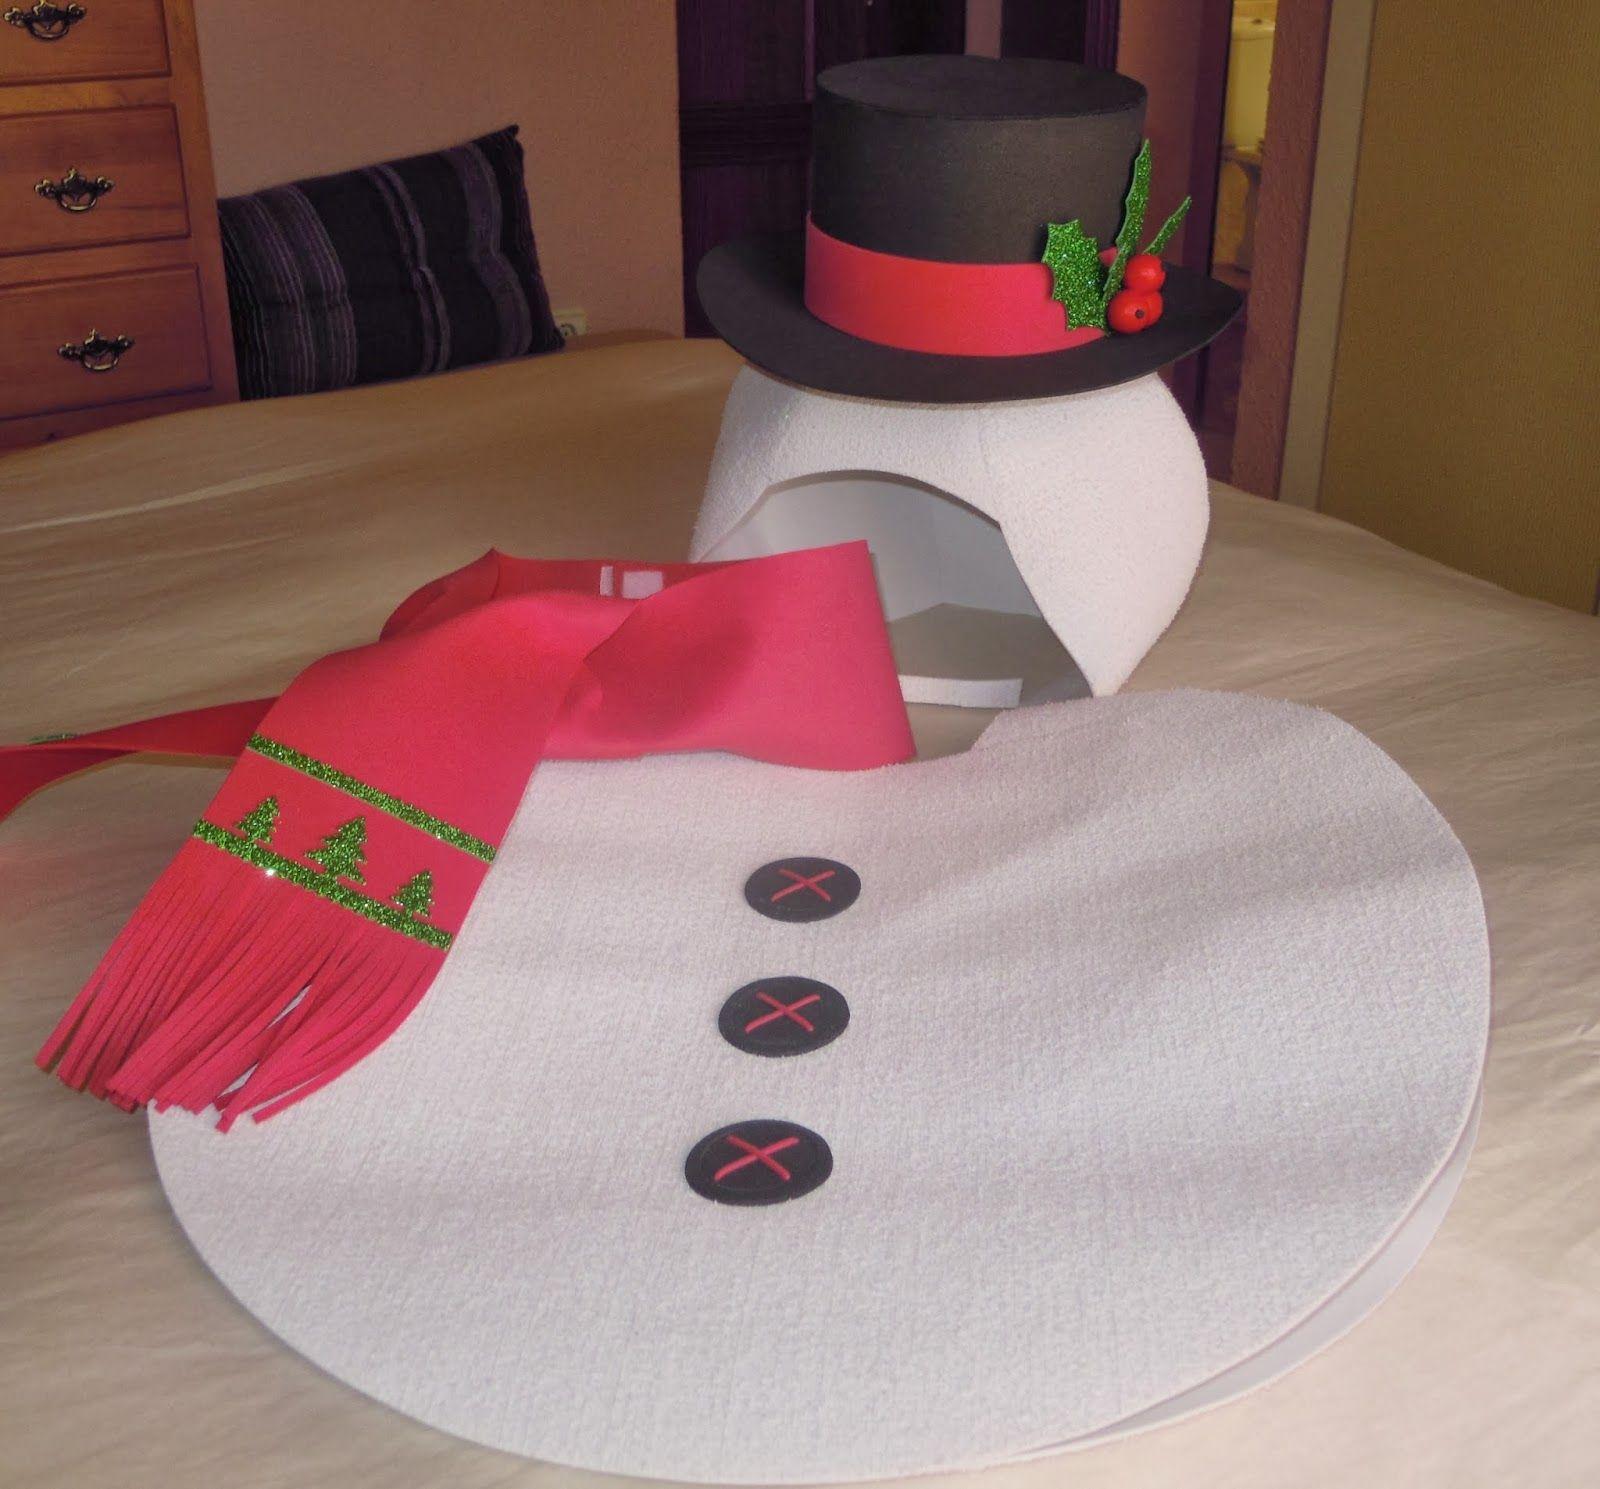 Muñeco Nieve Disfraz Goma Eva Disfraz Niño Navidad Muñeco De Nieve Disfraz Disfraces De Navidad